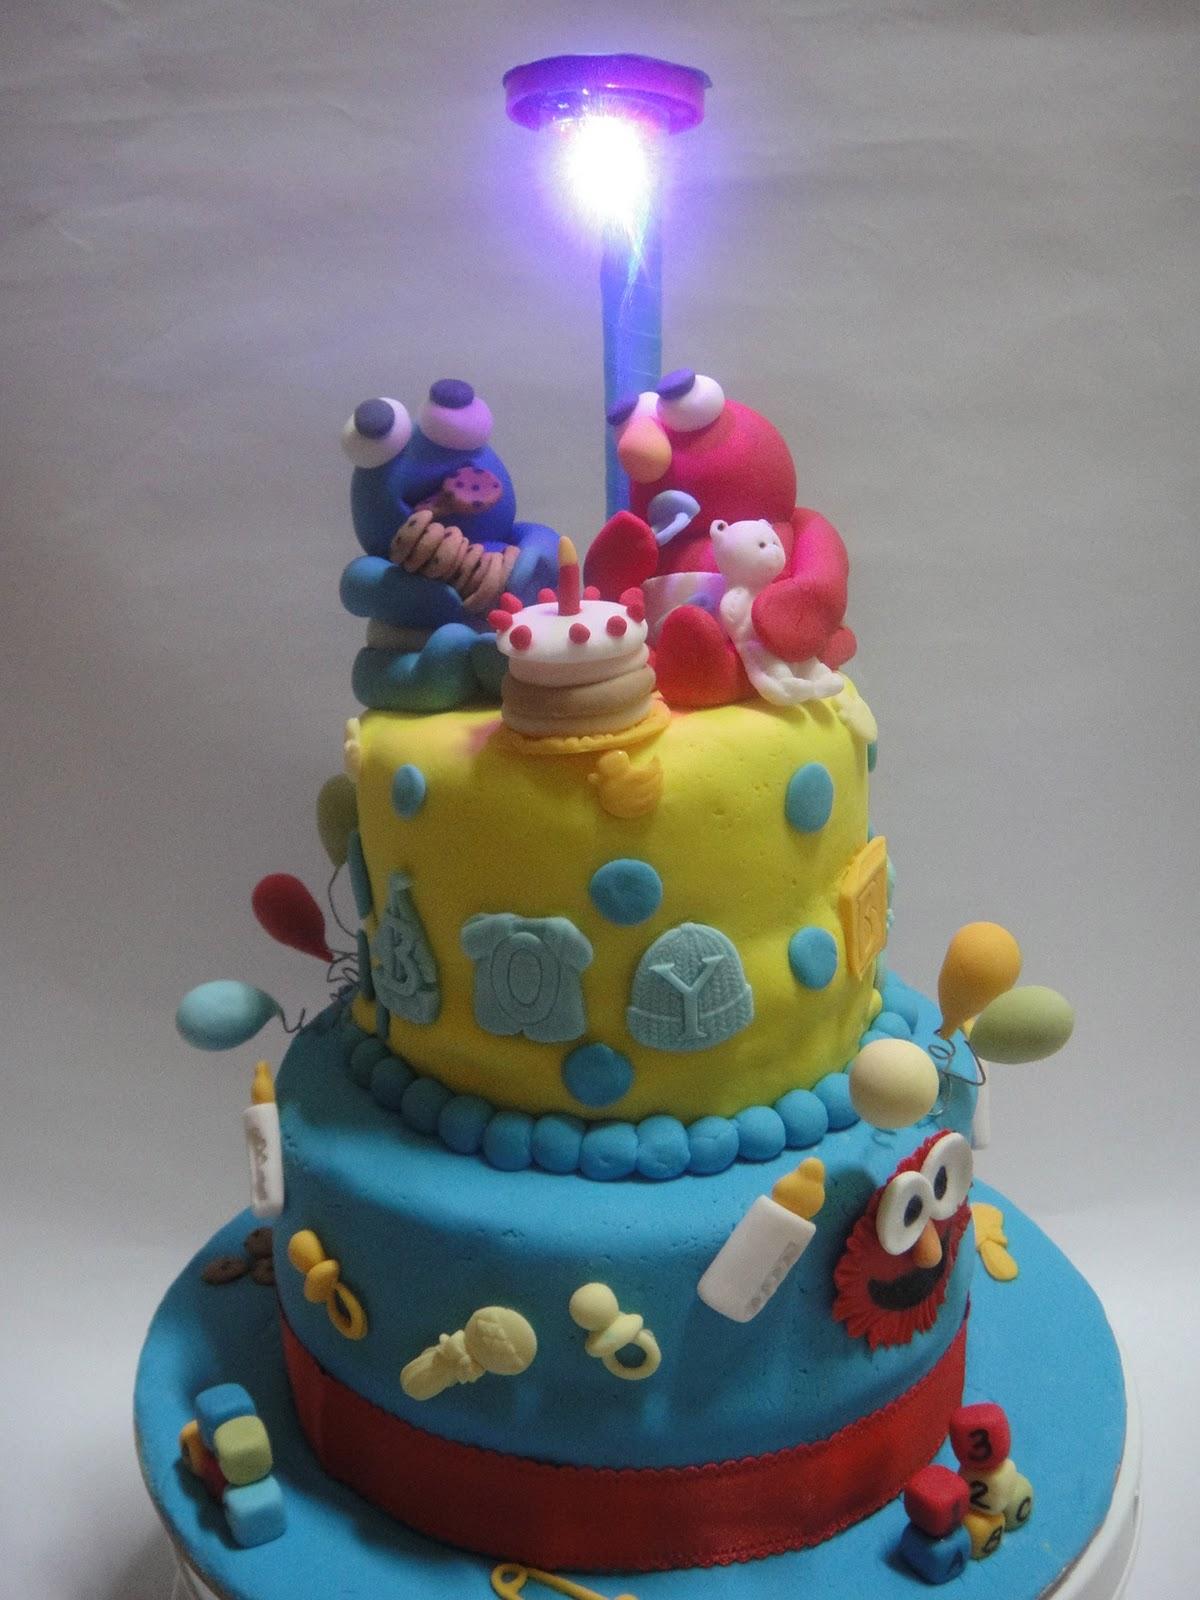 ... Lovely Homebake: Elmo & Cookie Monster Birthday Cake for Lucas & ...